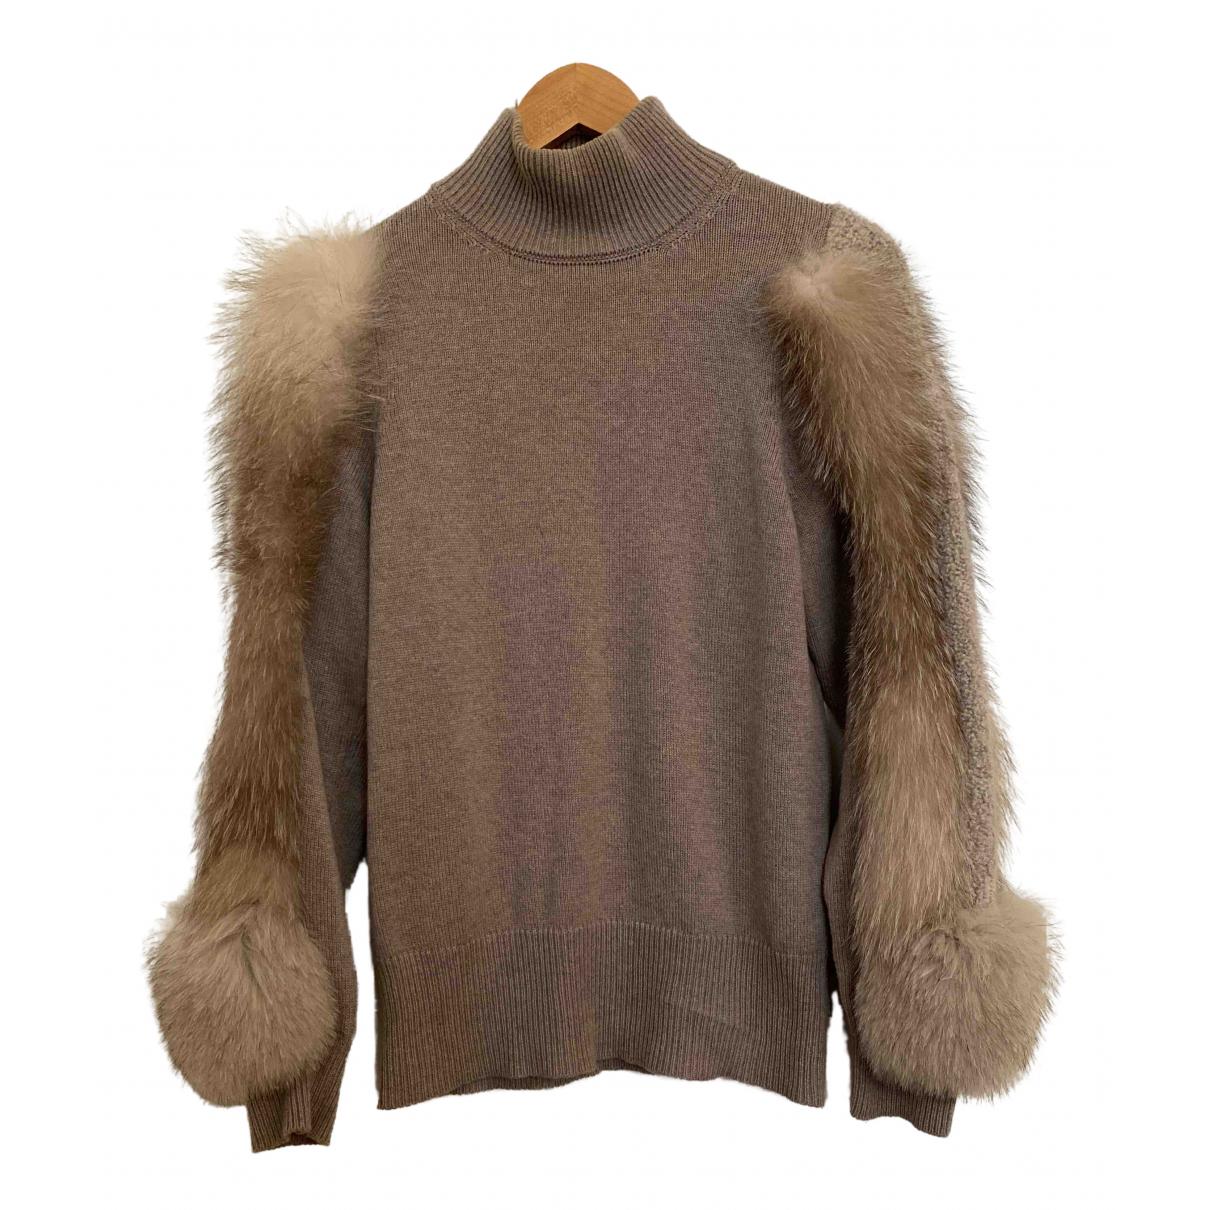 Falconeri N Beige Cashmere Knitwear for Women M International